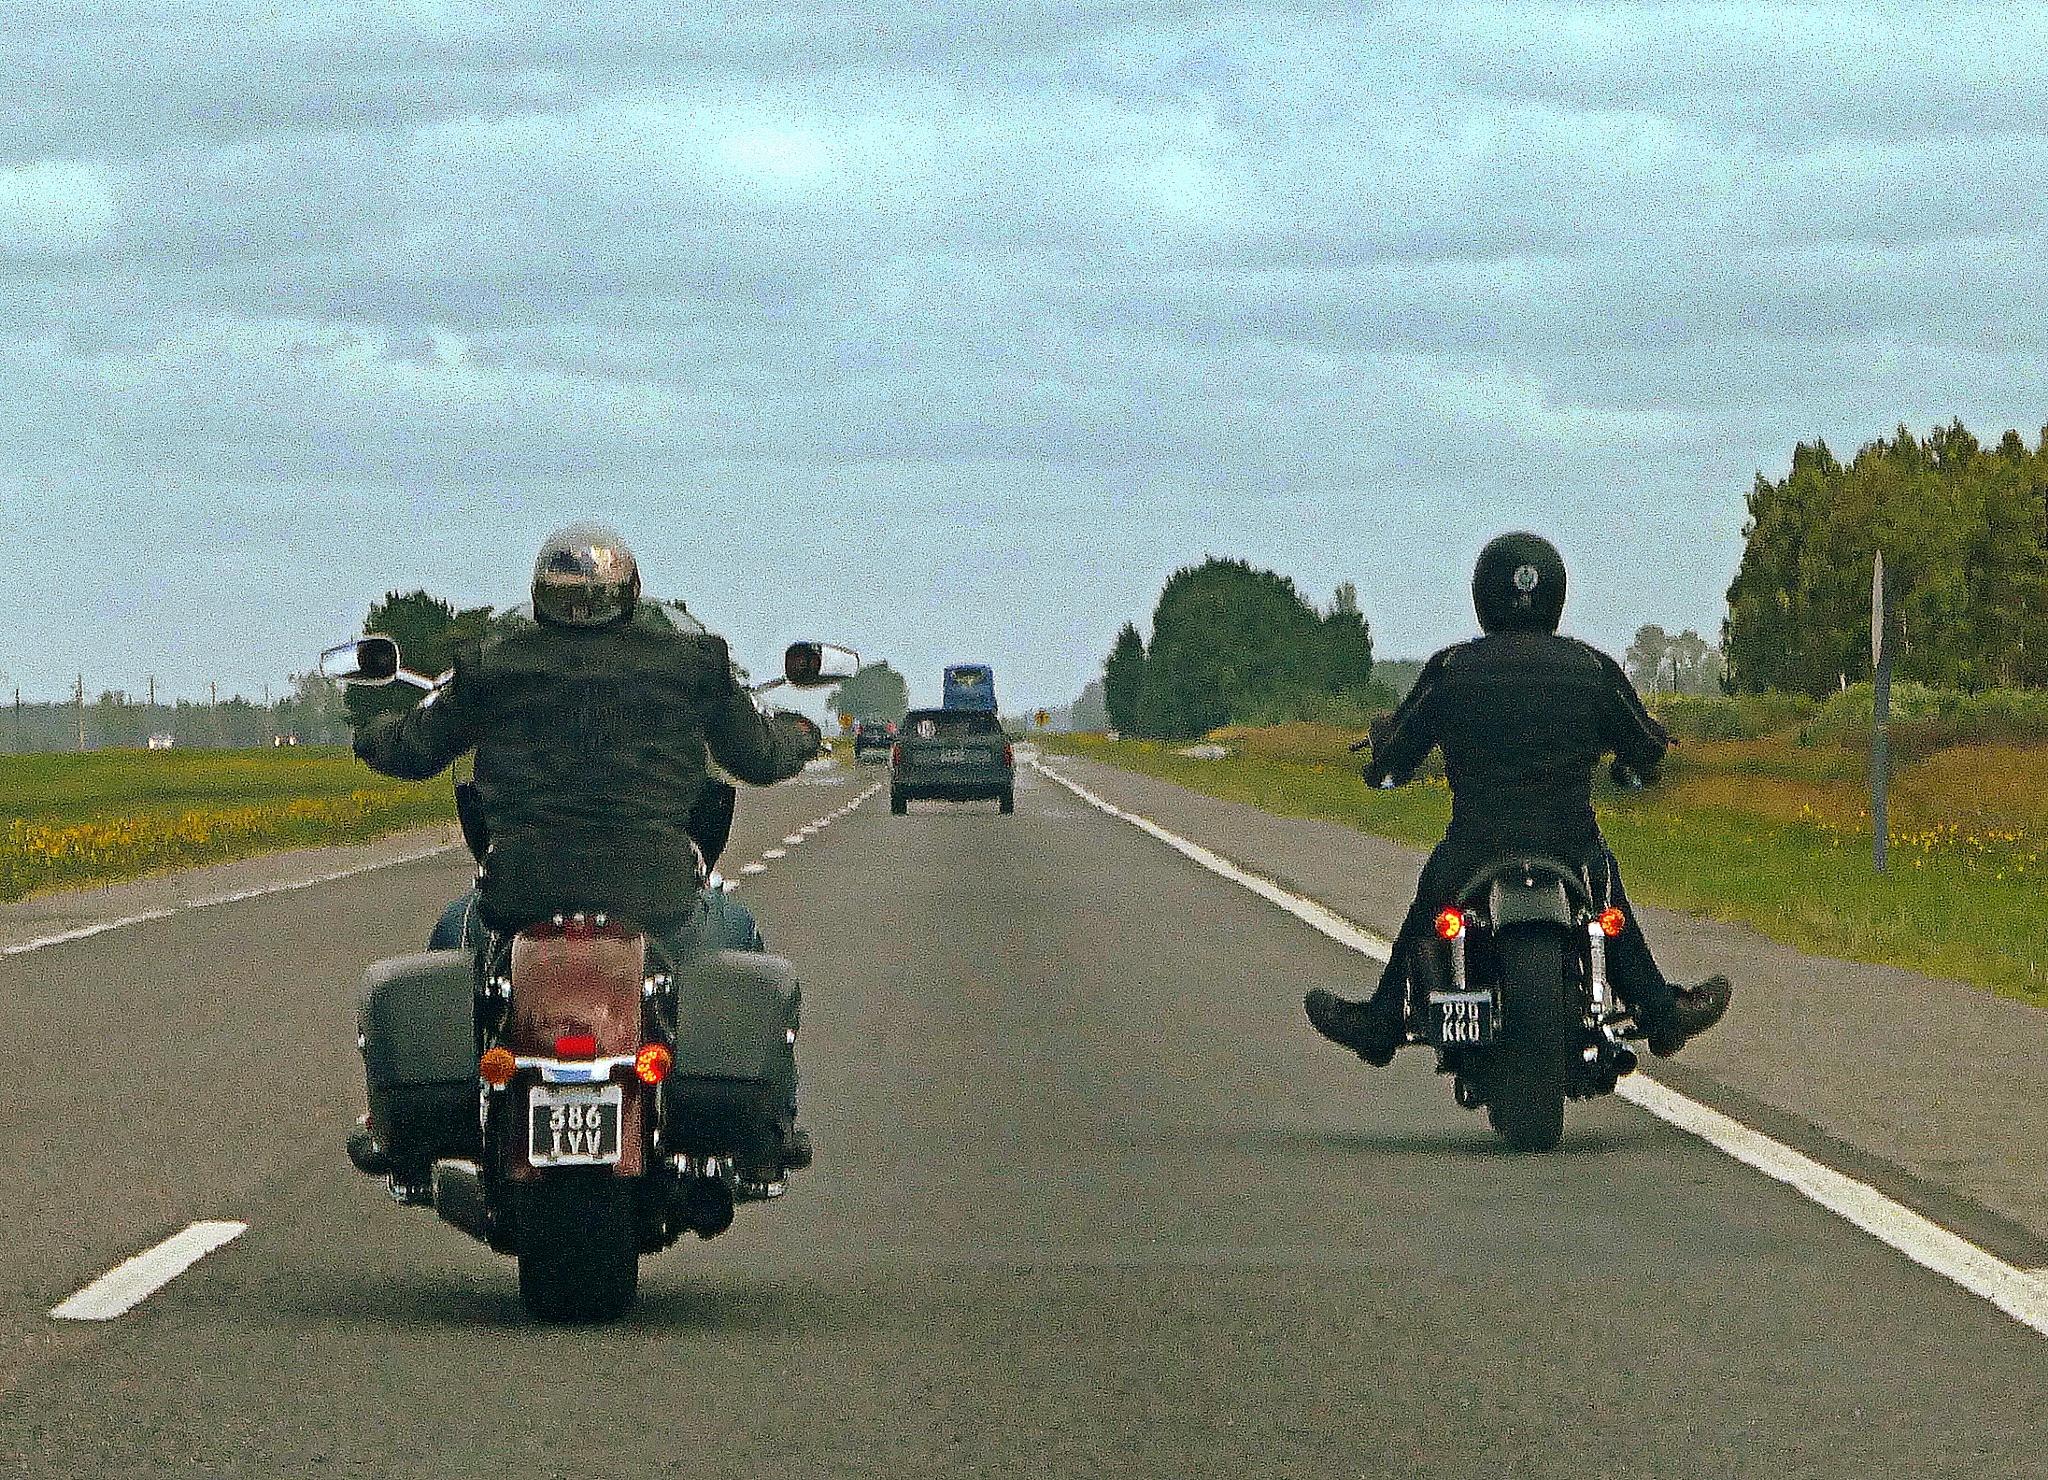 Easy rider by claudio.spirito.7